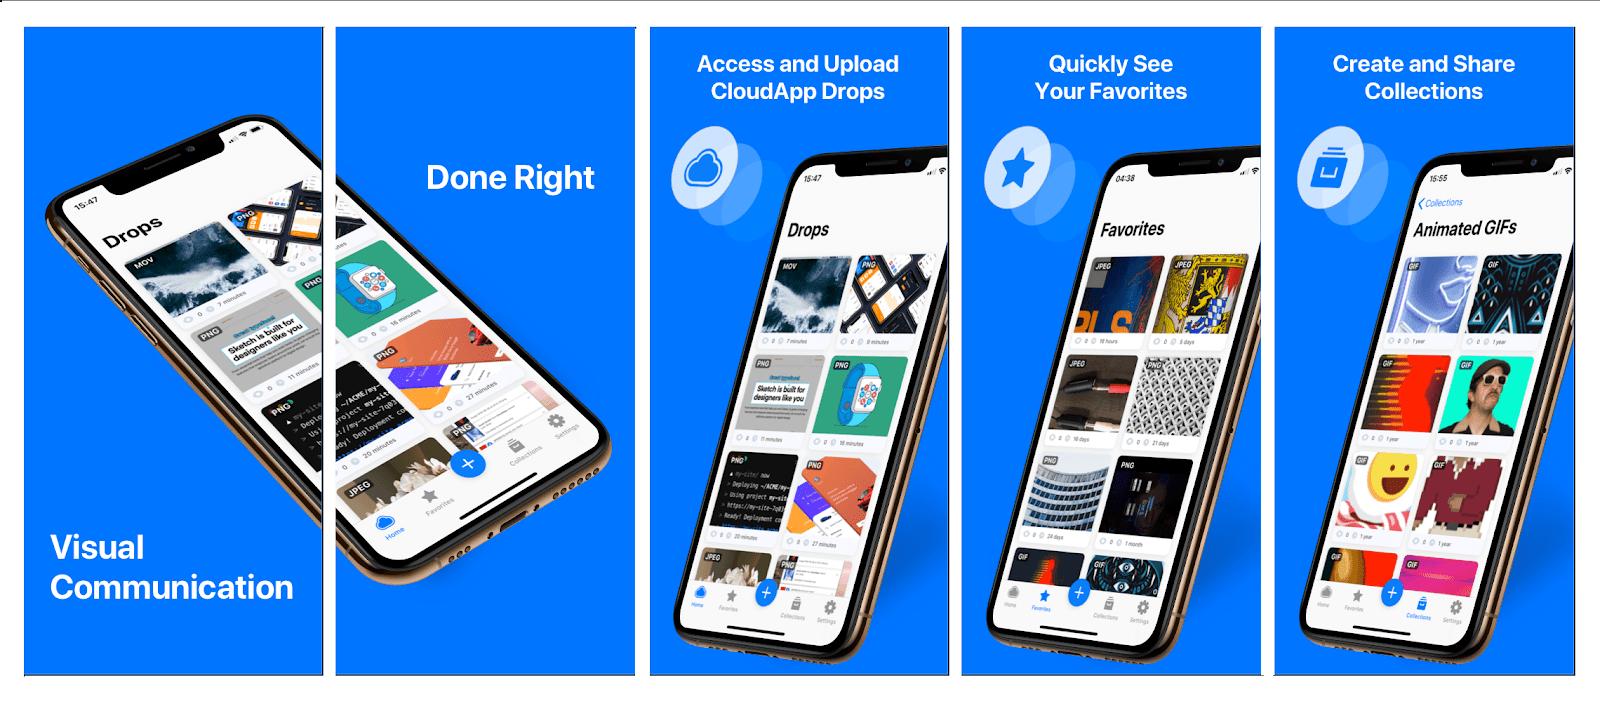 CloudApp's iOS app features